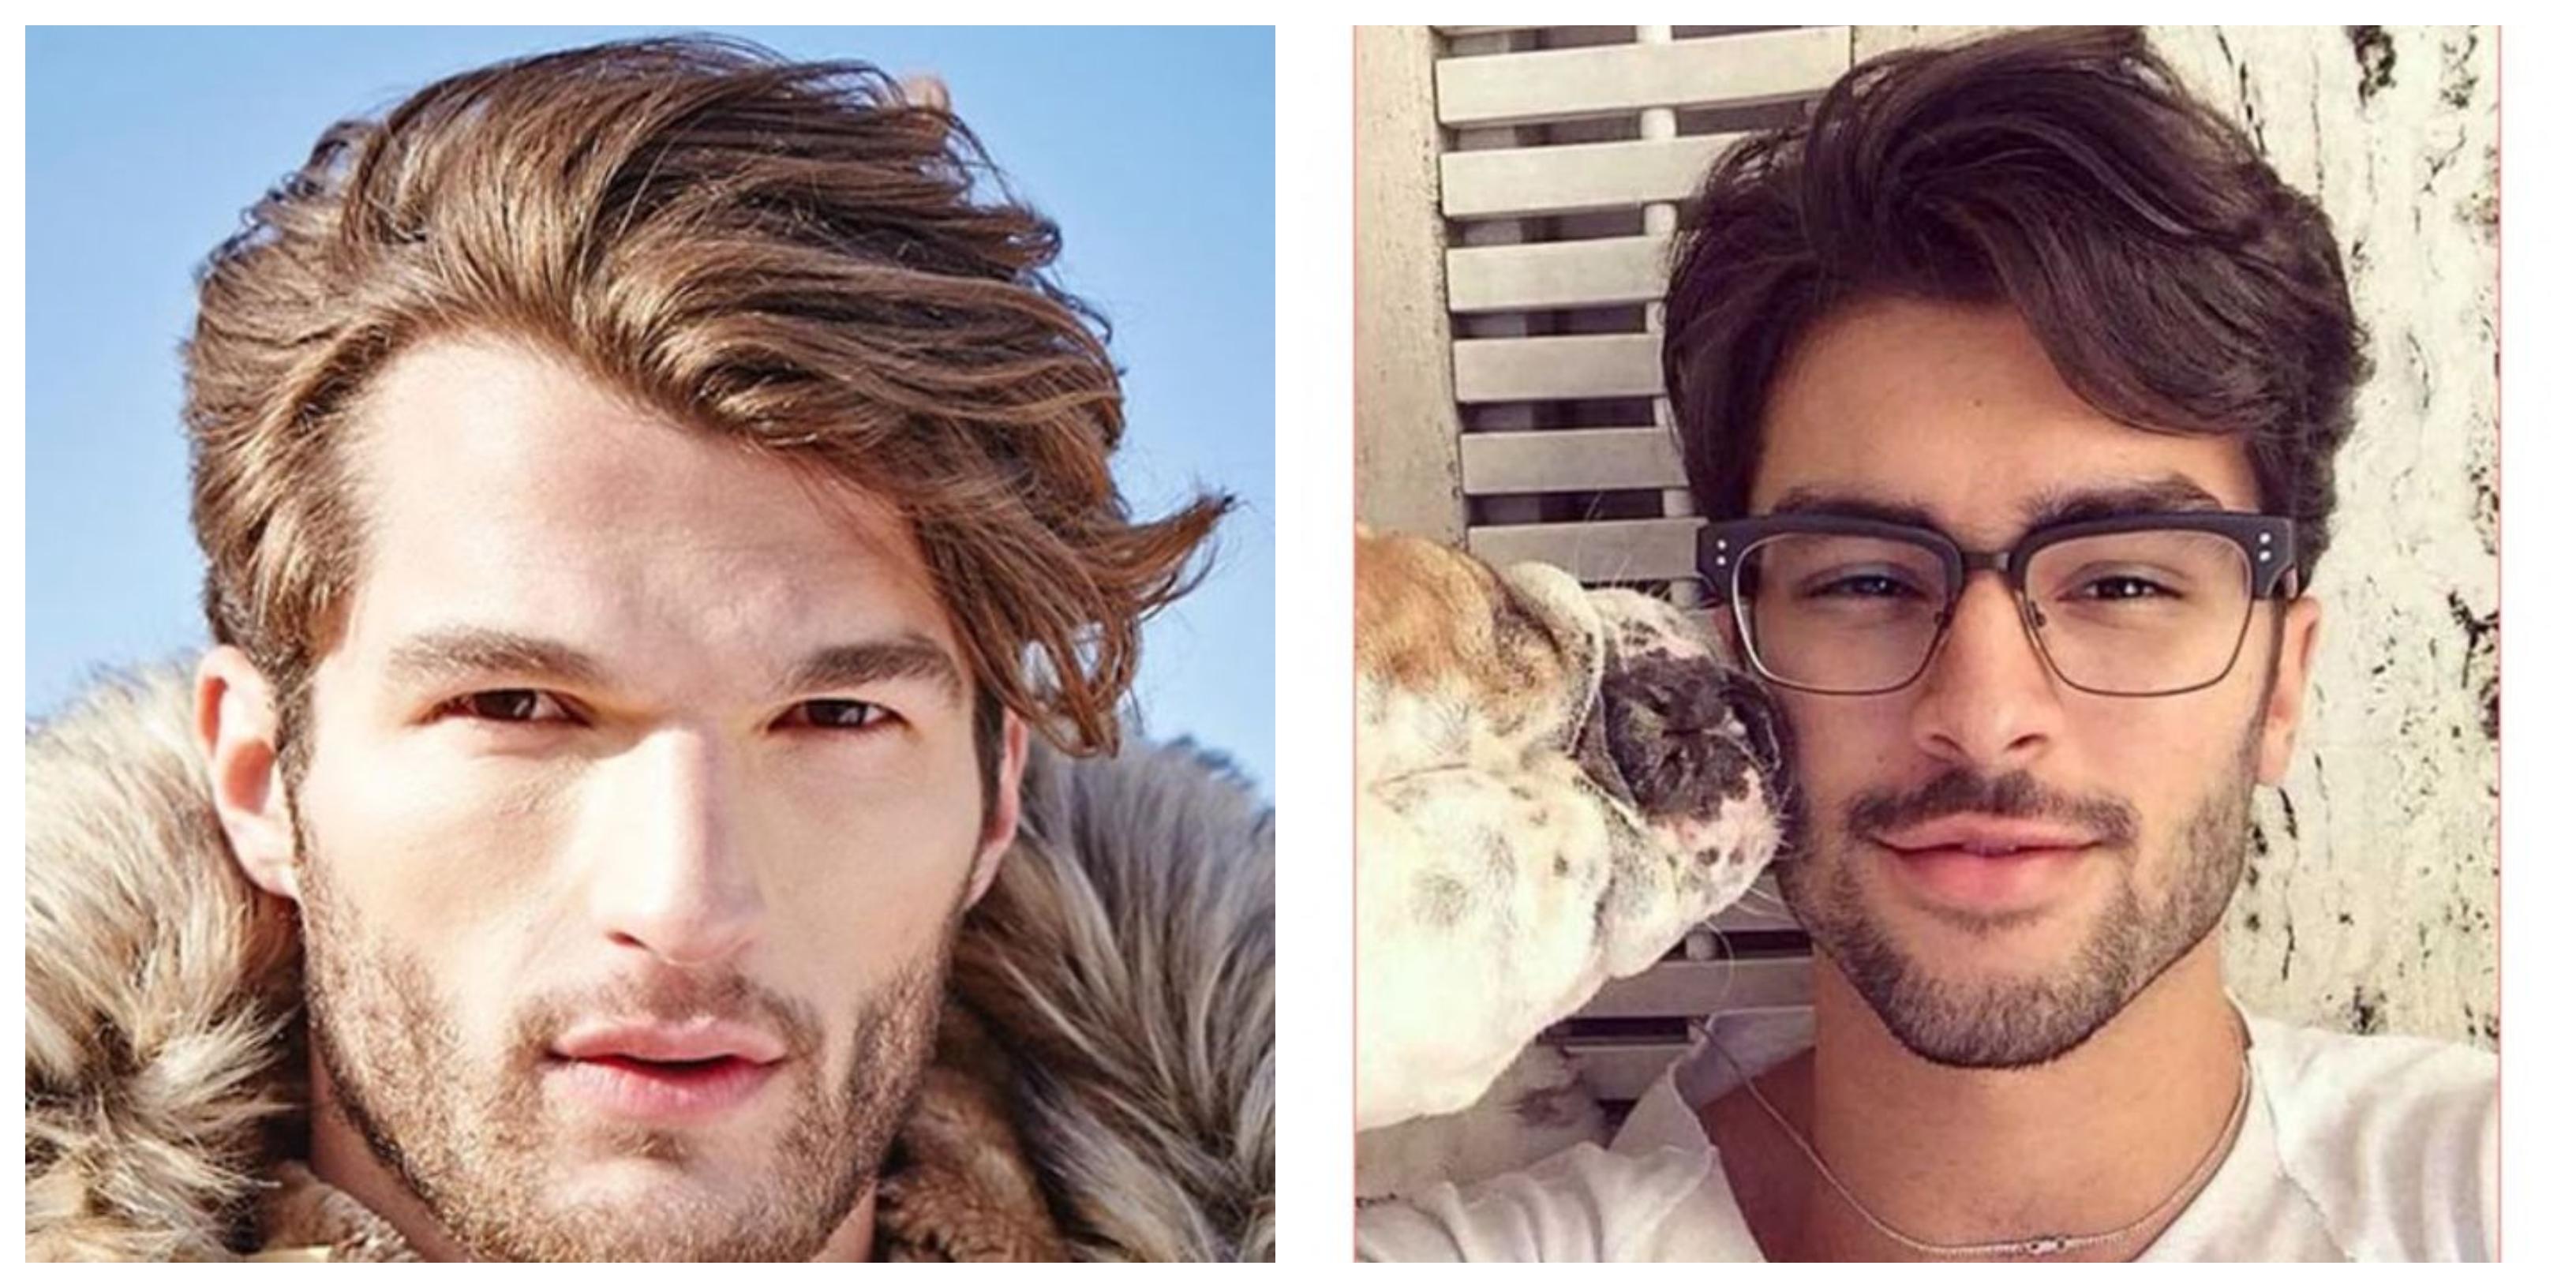 frisuren für männer mittellang für blonden oder dunkelhaarigen männern, ein hund